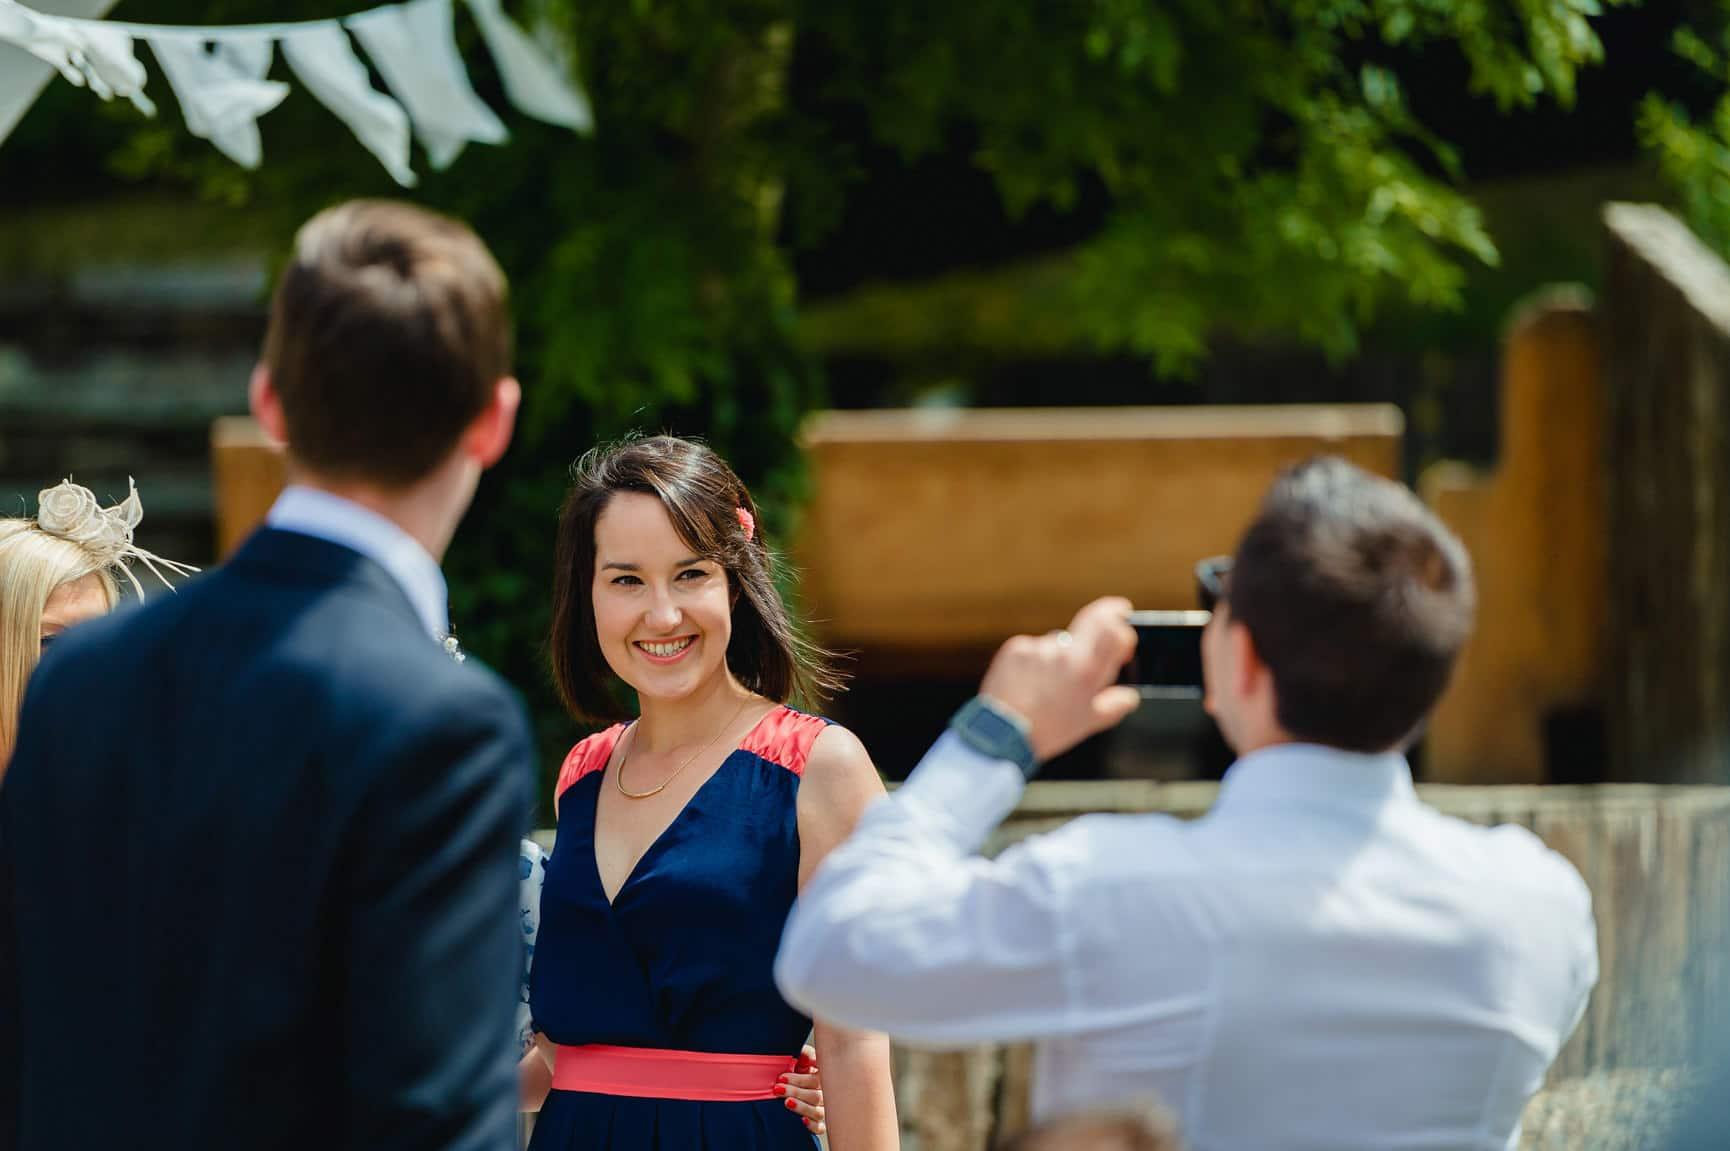 Fforest Wedding, Cardigan, Wales - Lauren and Gareth 19